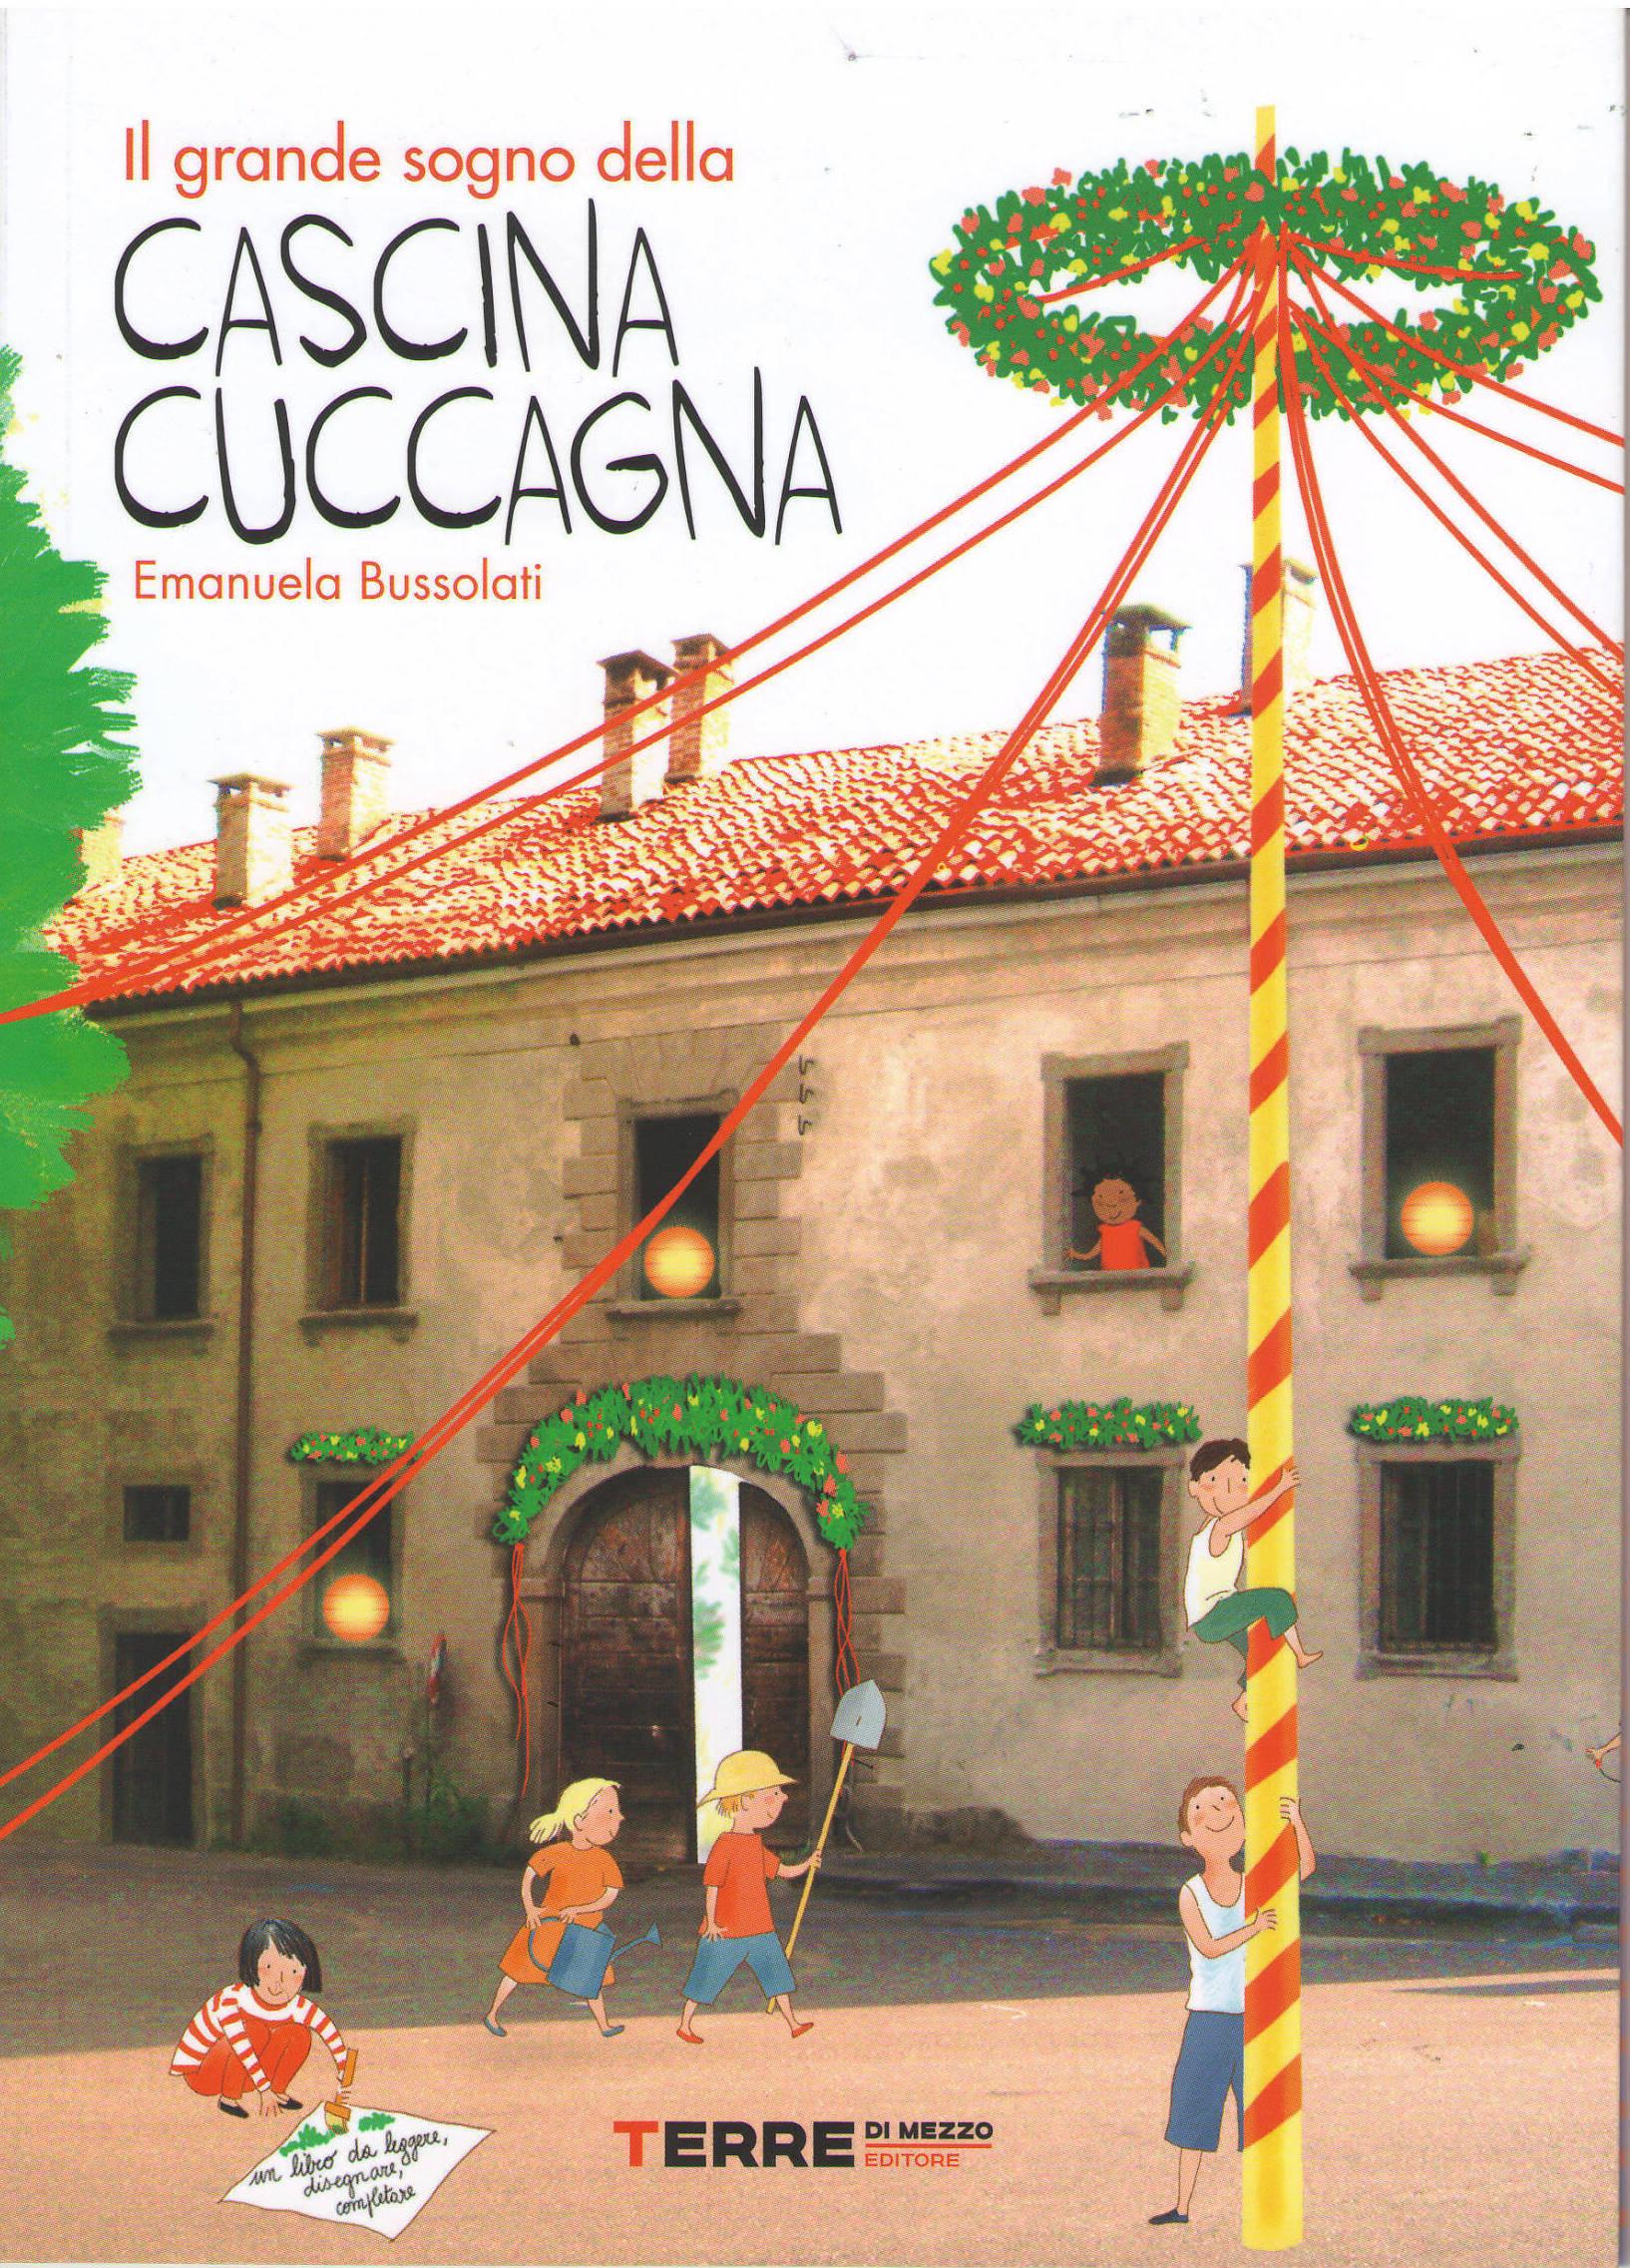 More about Il grande sogno della Cascina Cuccagna